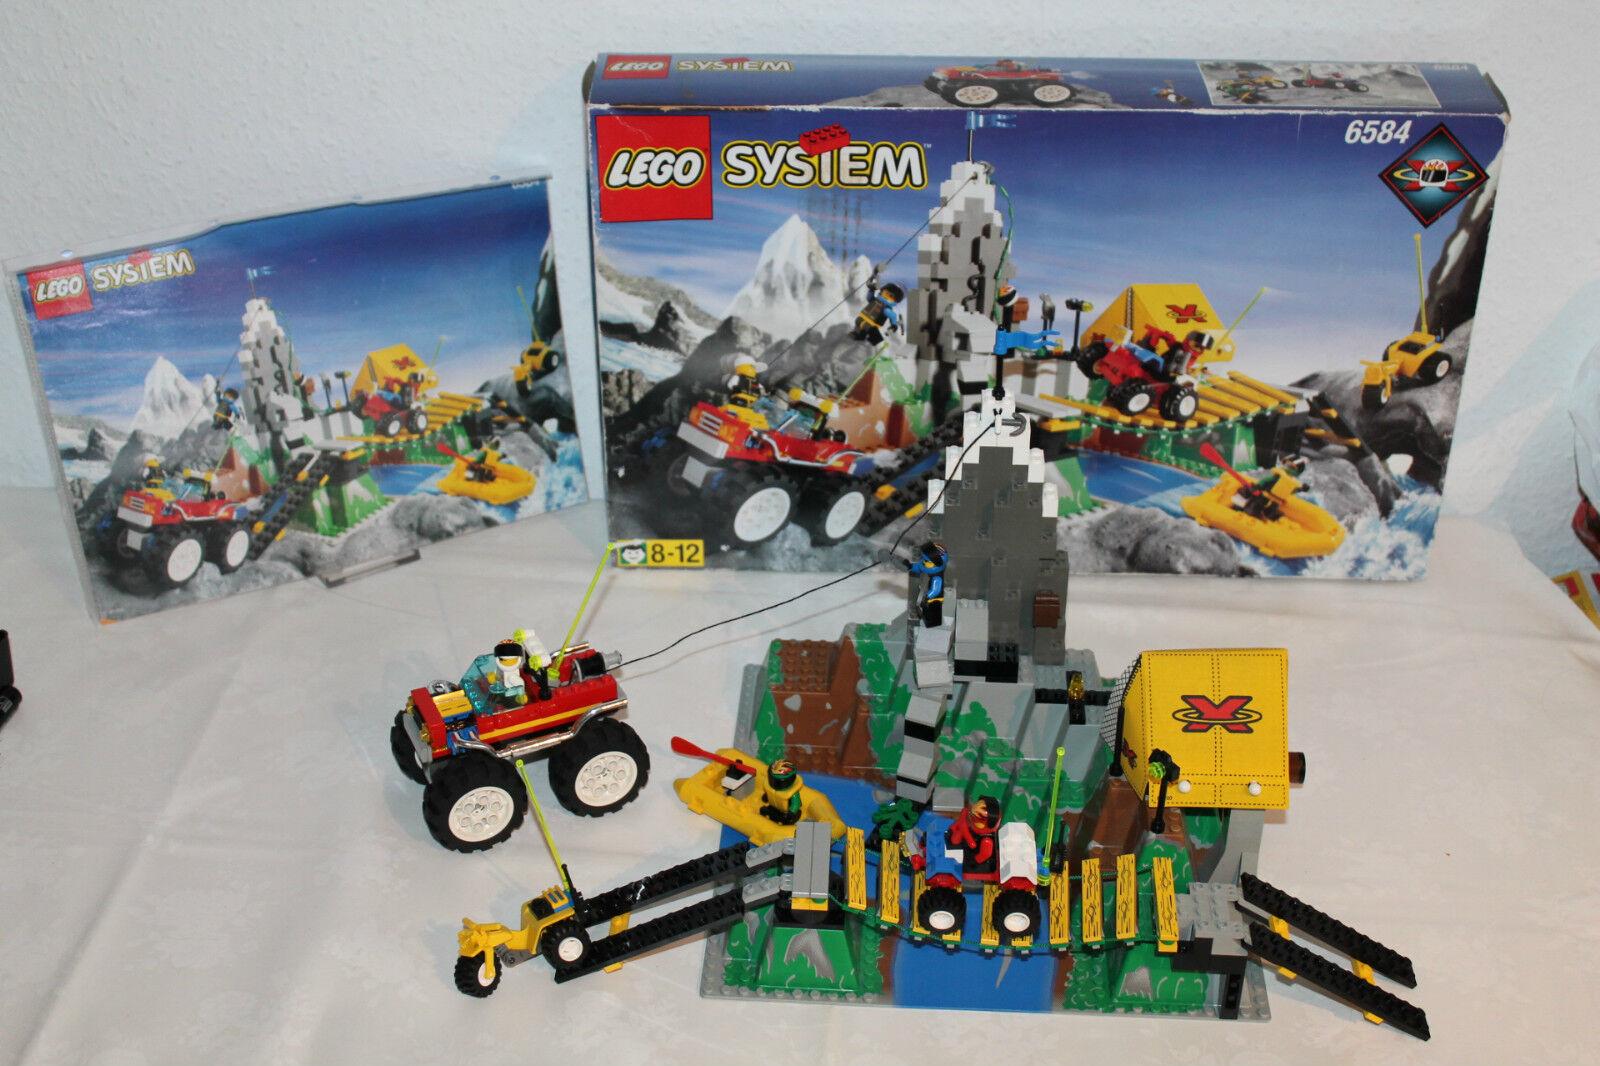 Lego System 6584 - Extreme Team Challenge   Komplett mit Bauanleitung + OVP